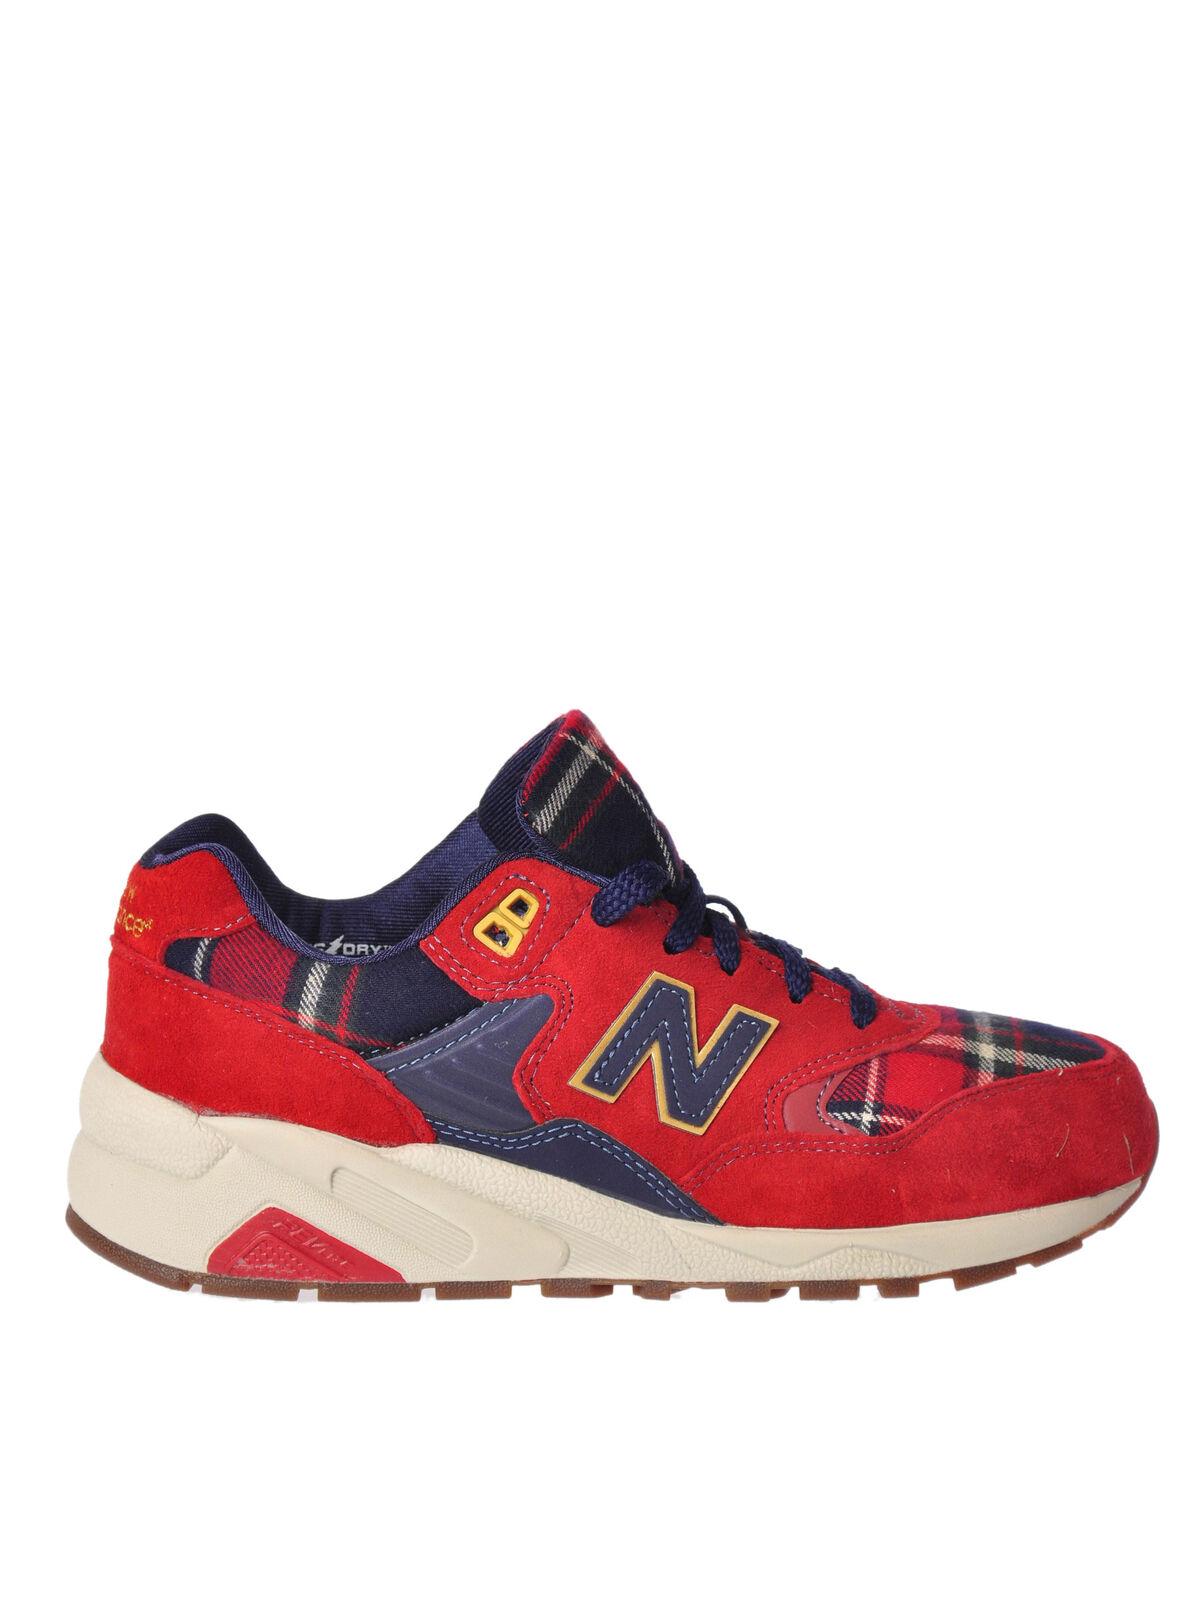 Tenis New Balance-Zapatos-Baja Mujer-Rojo Mujer-Rojo Mujer-Rojo - 442818G180529  disfruta ahorrando 30-50% de descuento